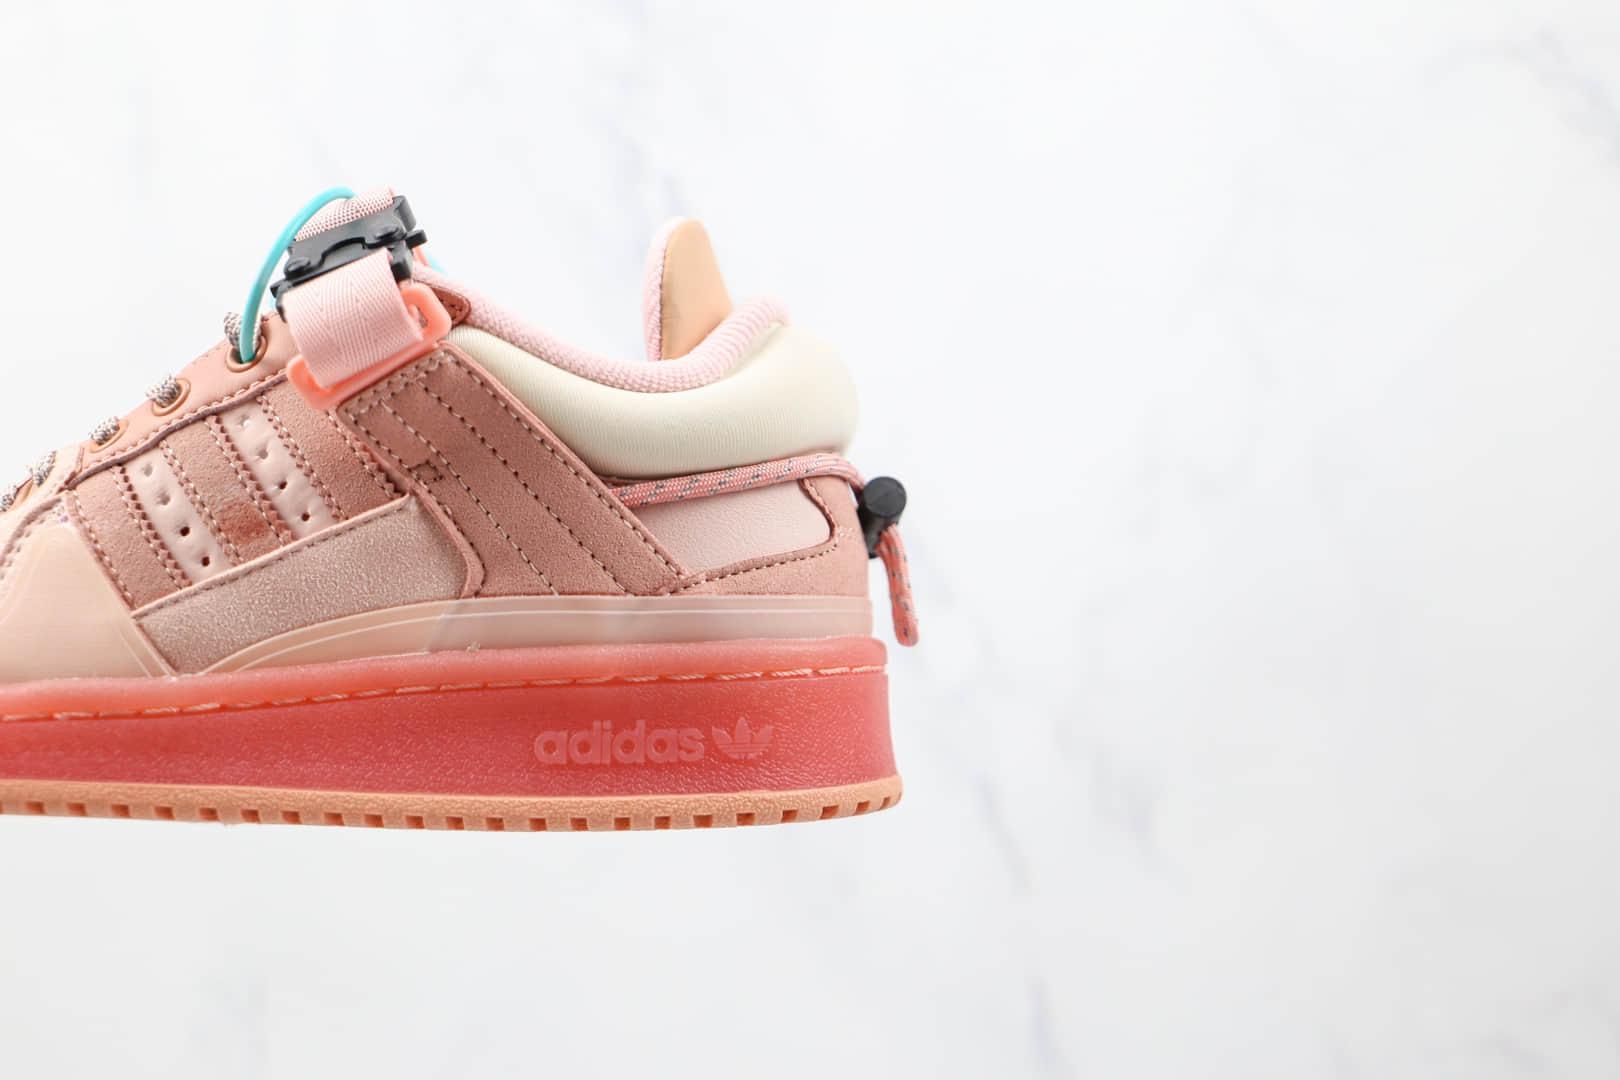 阿迪达斯adidas Forum Buckle Low x Bad Bunny联名款纯原版本低帮粉红色板鞋原楦头纸板打造 货号:GW0265